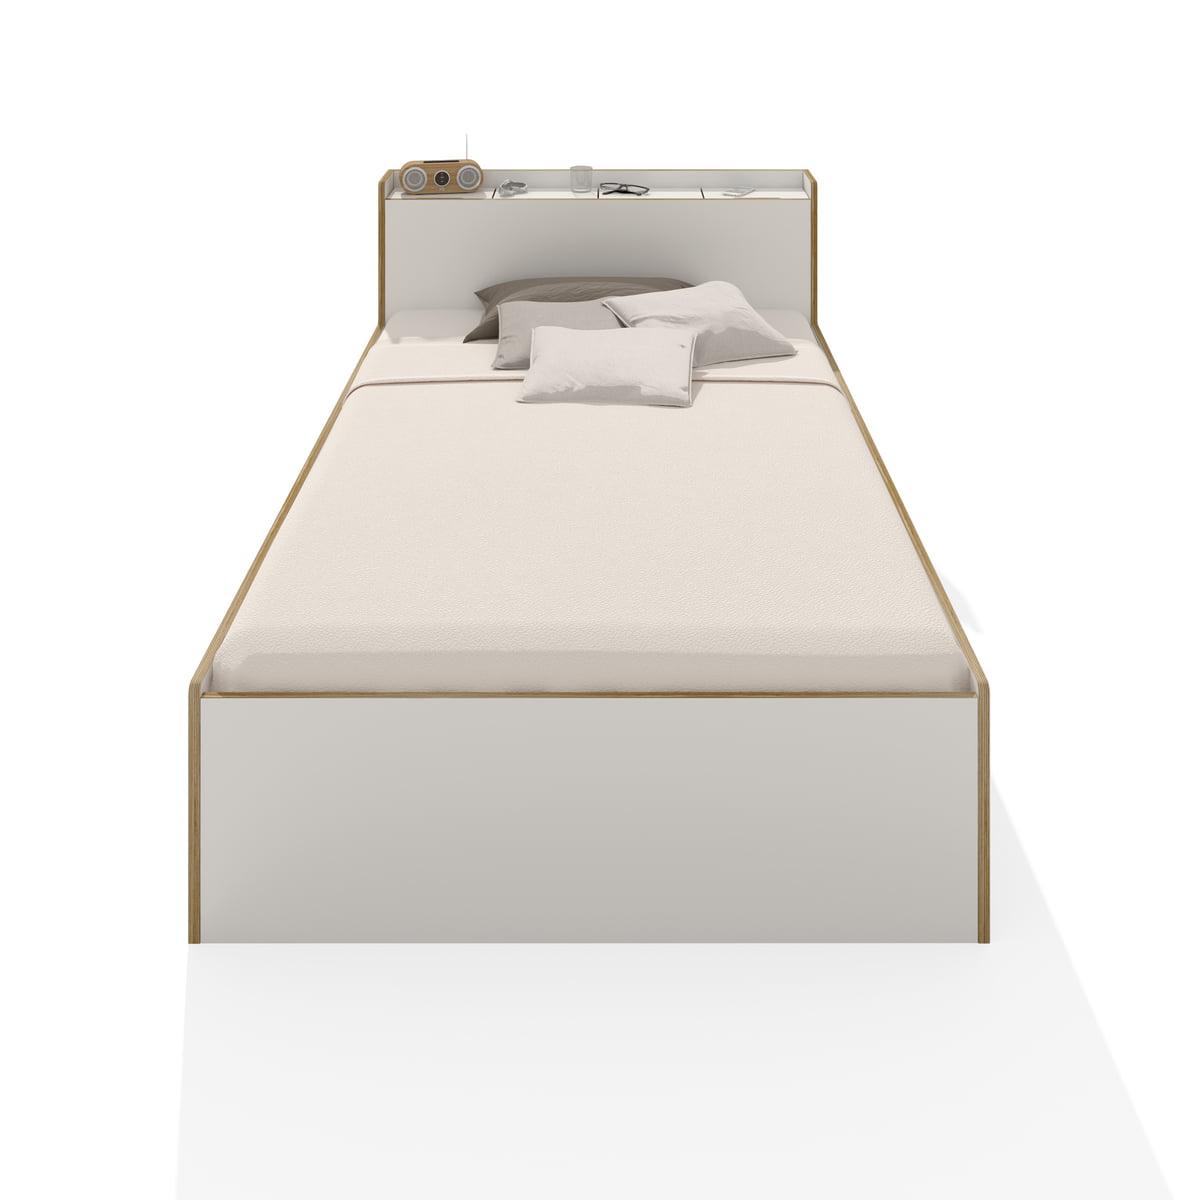 Amüsant Einzelbett Weiß Dekoration Von Müller Möbelwerkstätten - Nook Einzelbett, Weiß